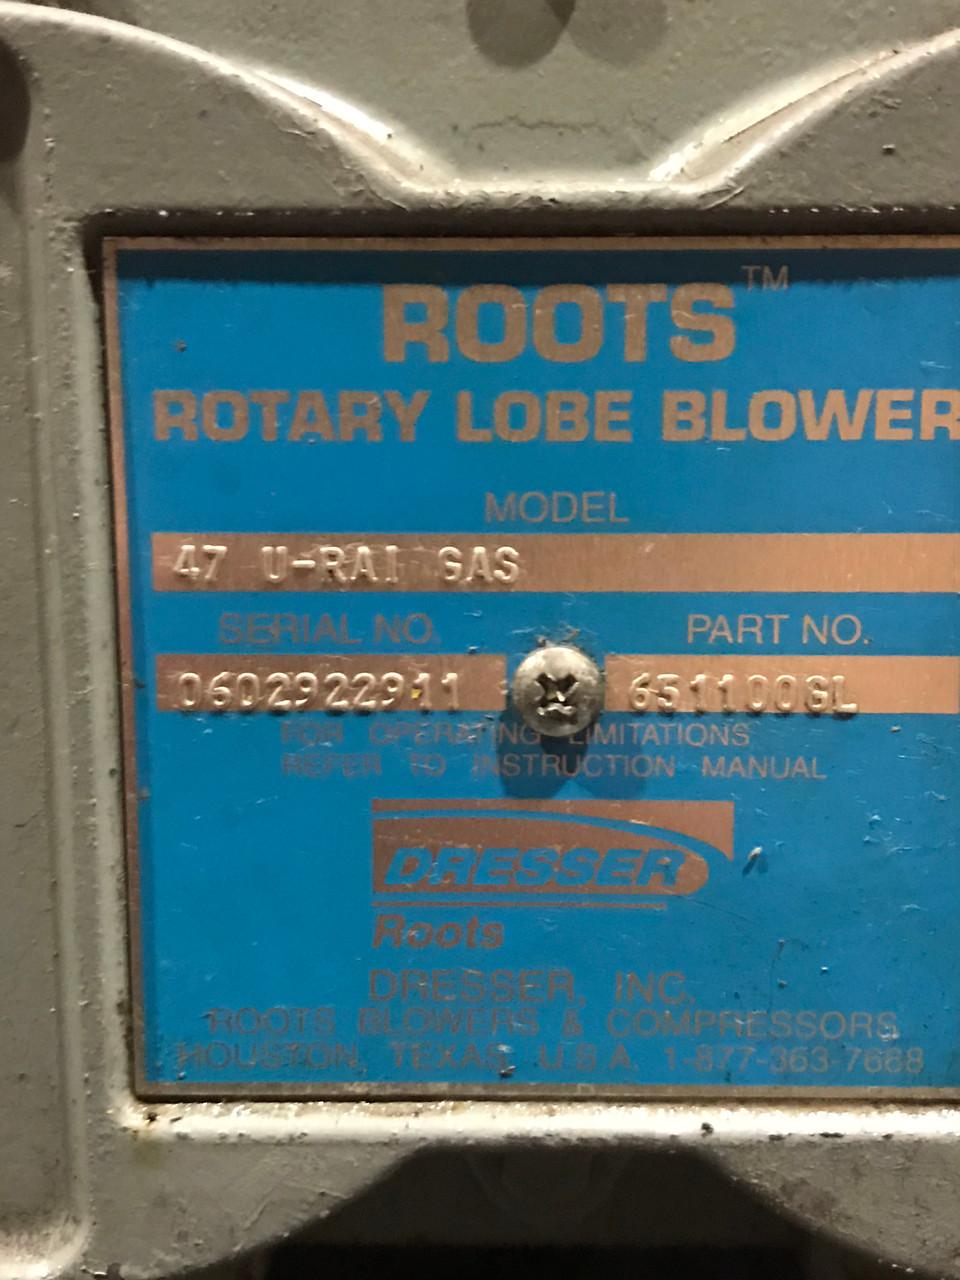 Roots Dresser 47U-RAI GAS Rotary Lobe Blower